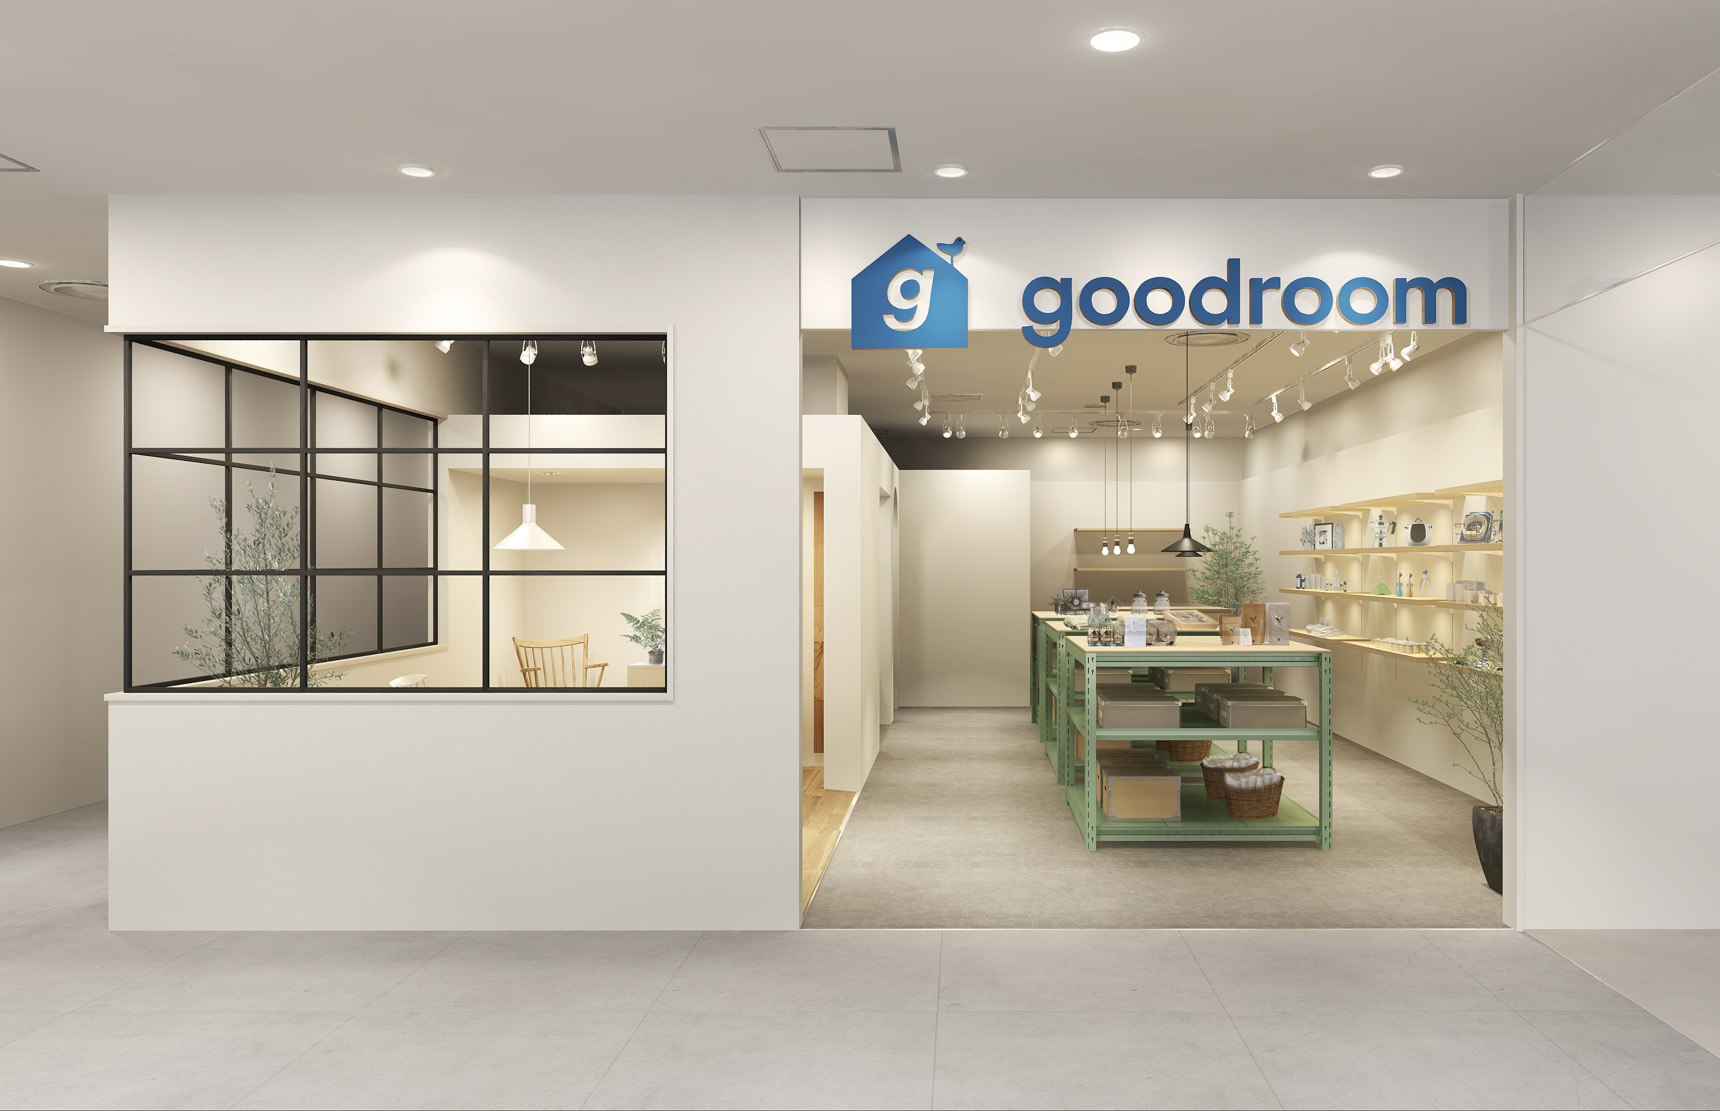 3/16(土) goodroom 錦糸町PARCO オープン!新生活が楽しみになるDIYや暮らしのアイテムをたくさん揃えました。